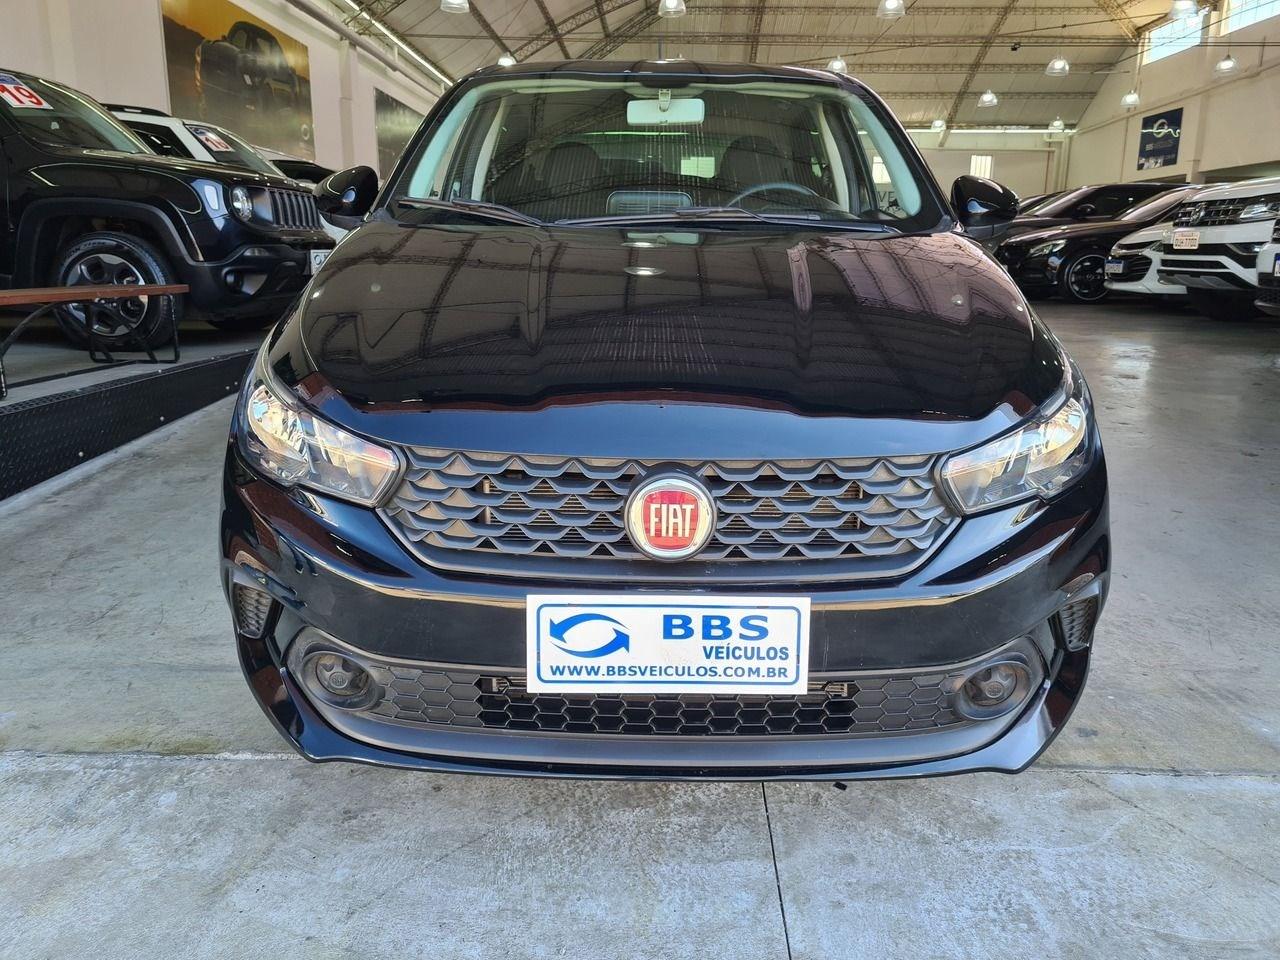 //www.autoline.com.br/carro/fiat/argo-10-drive-6v-flex-4p-manual/2020/sao-paulo-sp/14732628